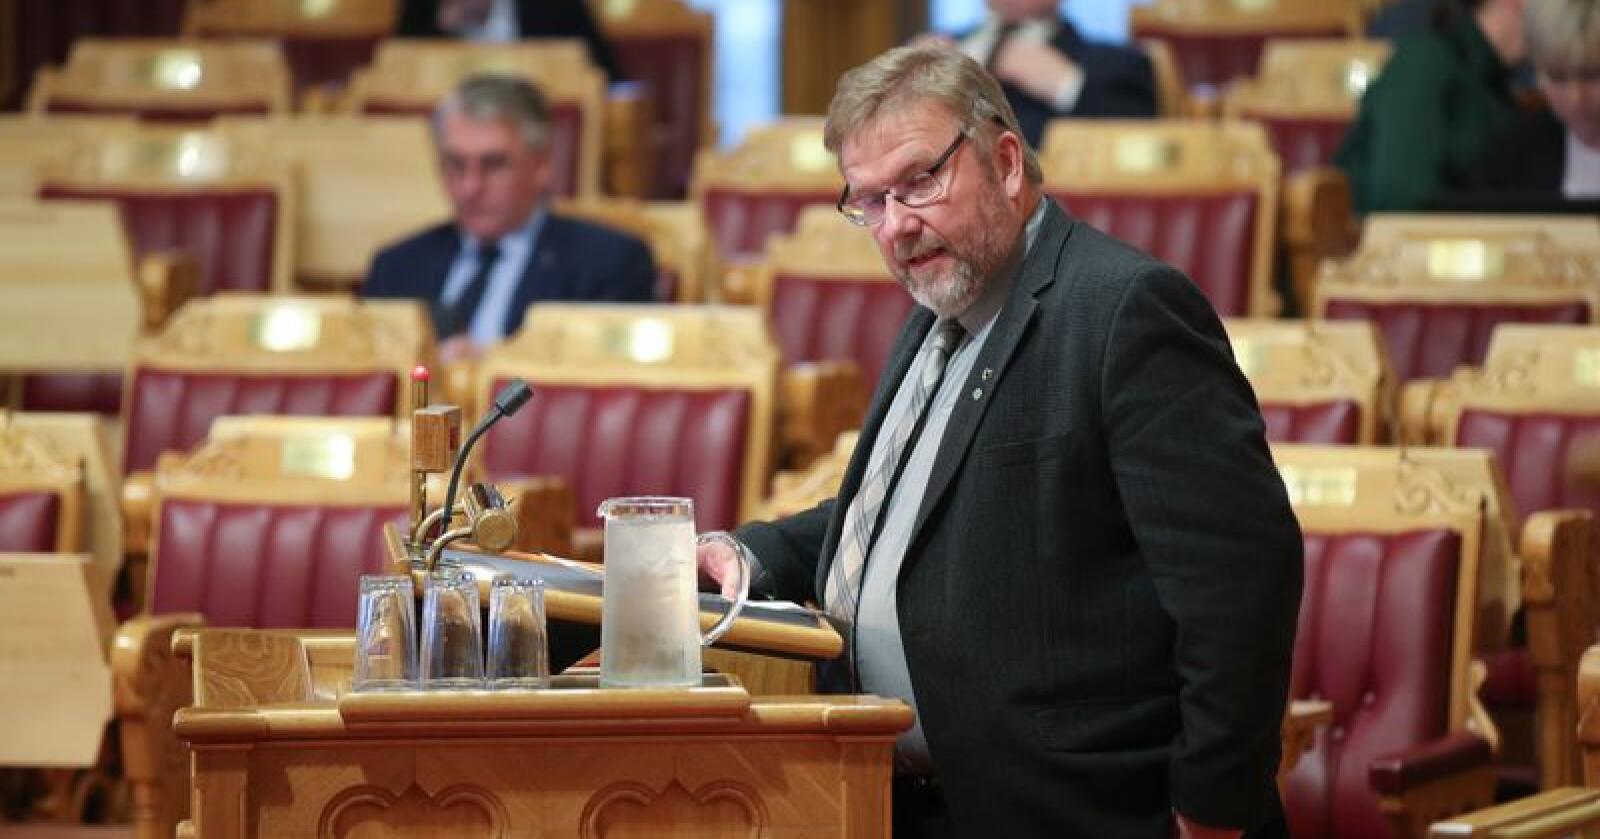 Stortingsrepresentant Bengt Fasteraune (Sp). Foto: Vidar Ruud / NTB scanpix